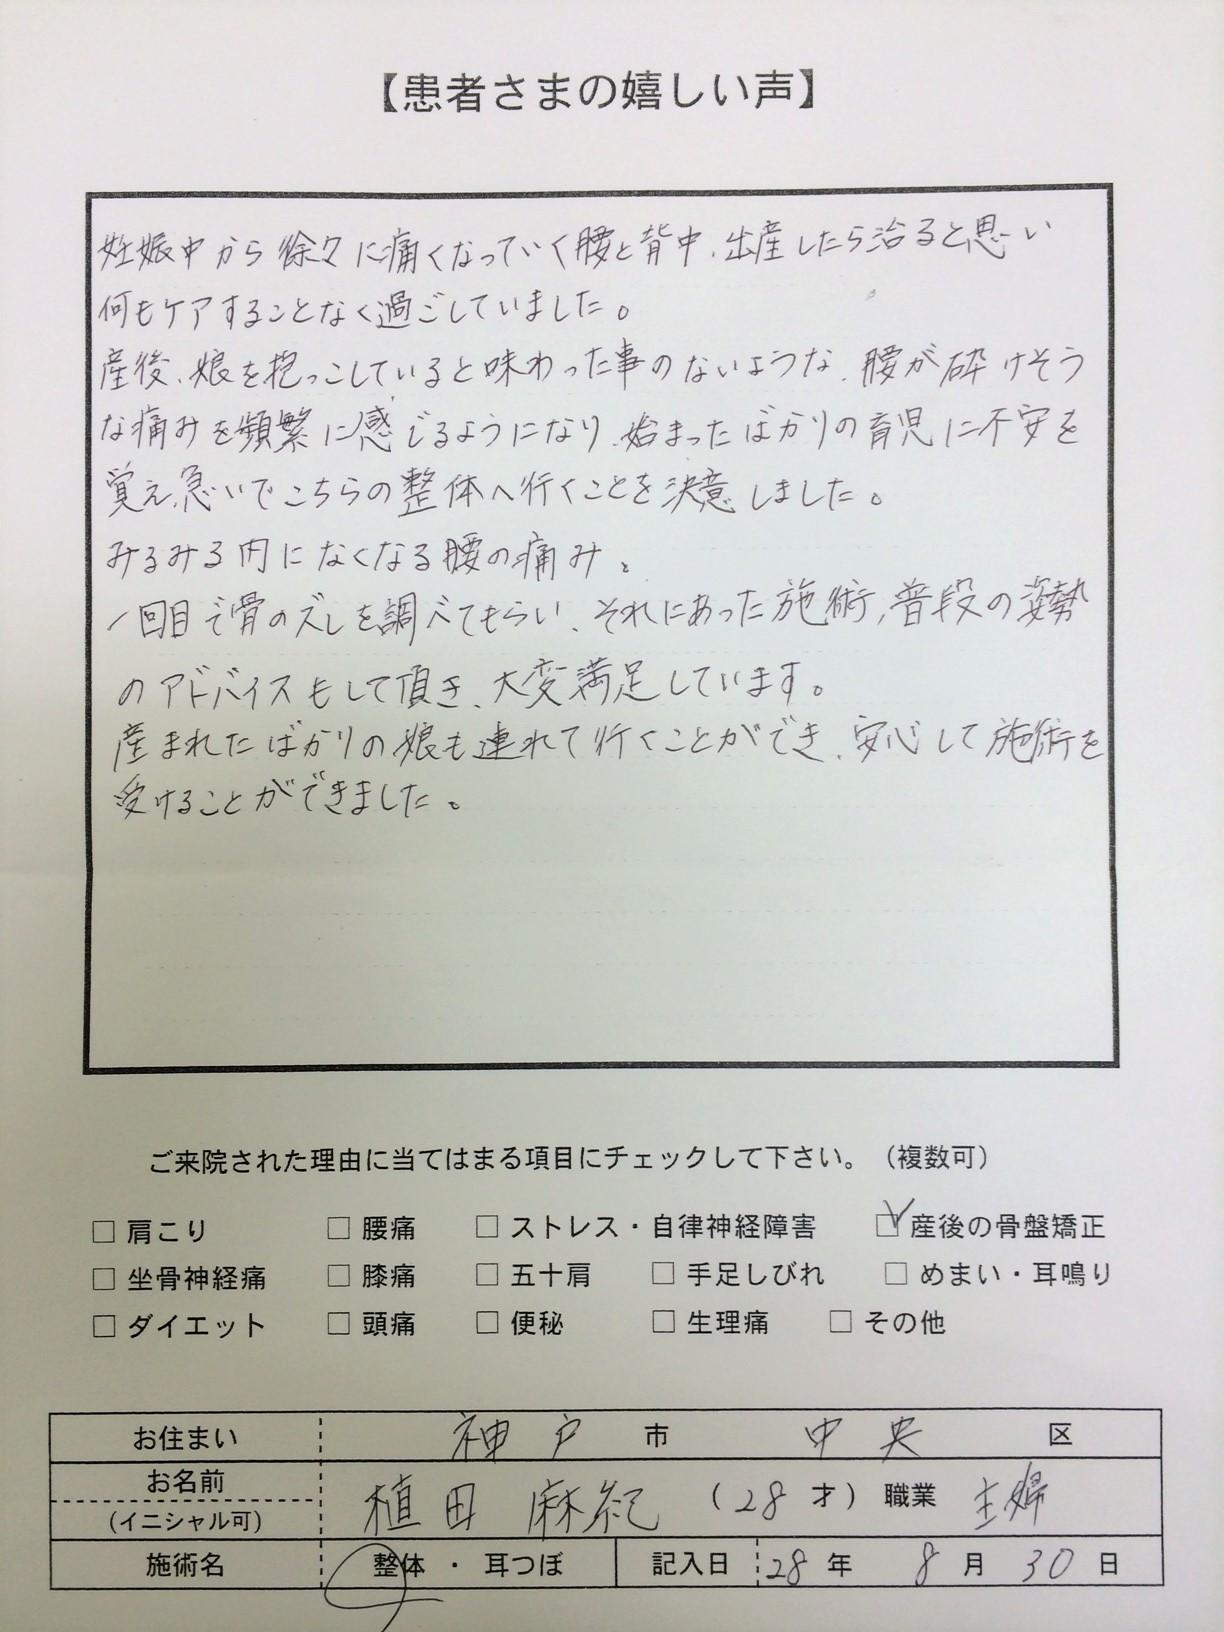 ⑰神戸市中央区 植田麻紀様 28才 主婦.jpg